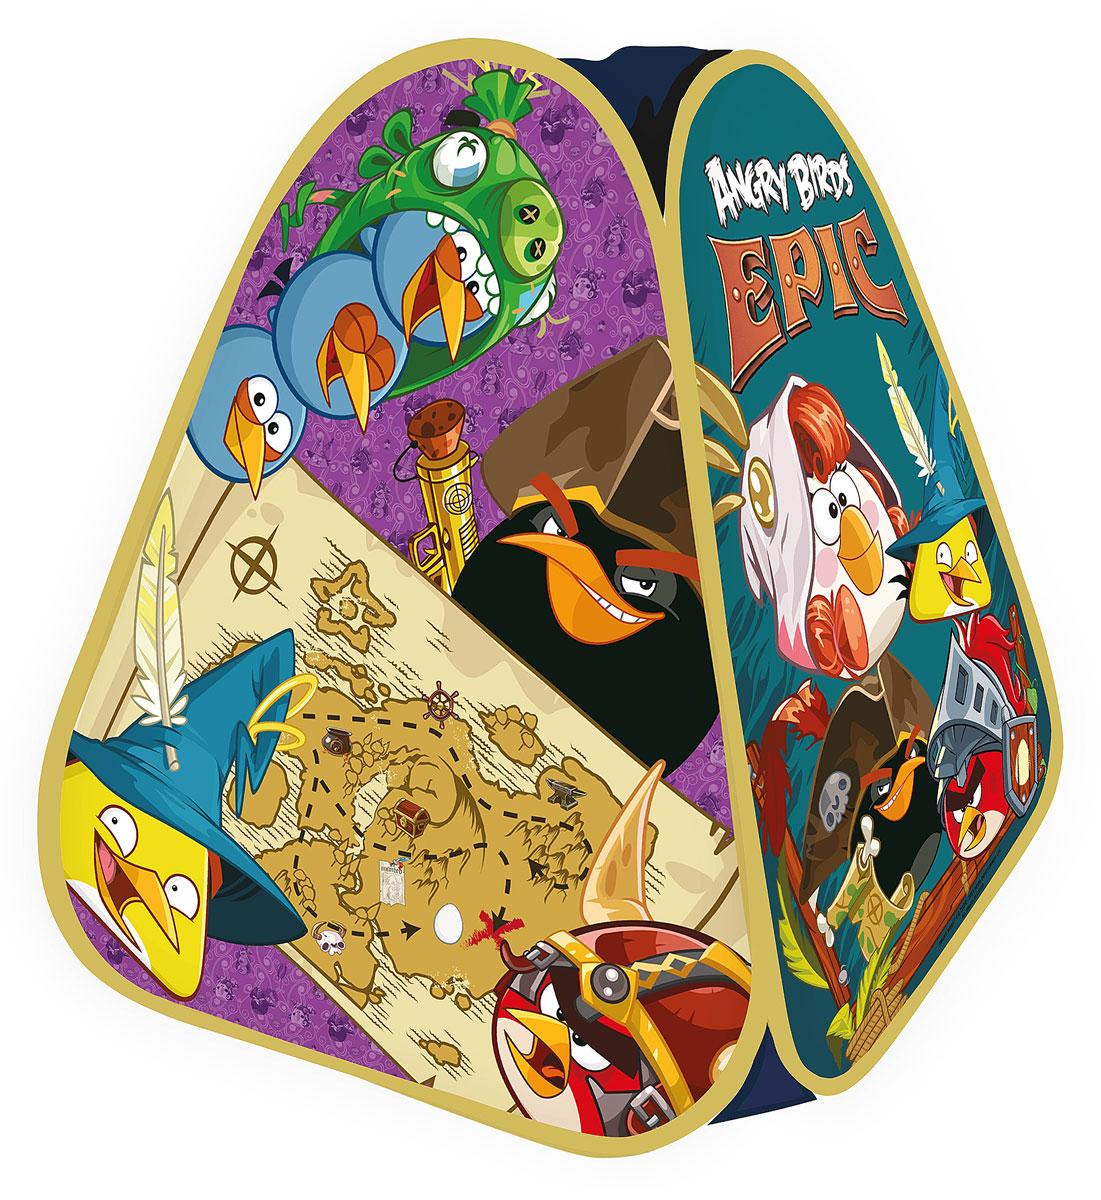 1TOY Детская игровая палатка Angry Birds Epic 90 см х 80 см х 90 см